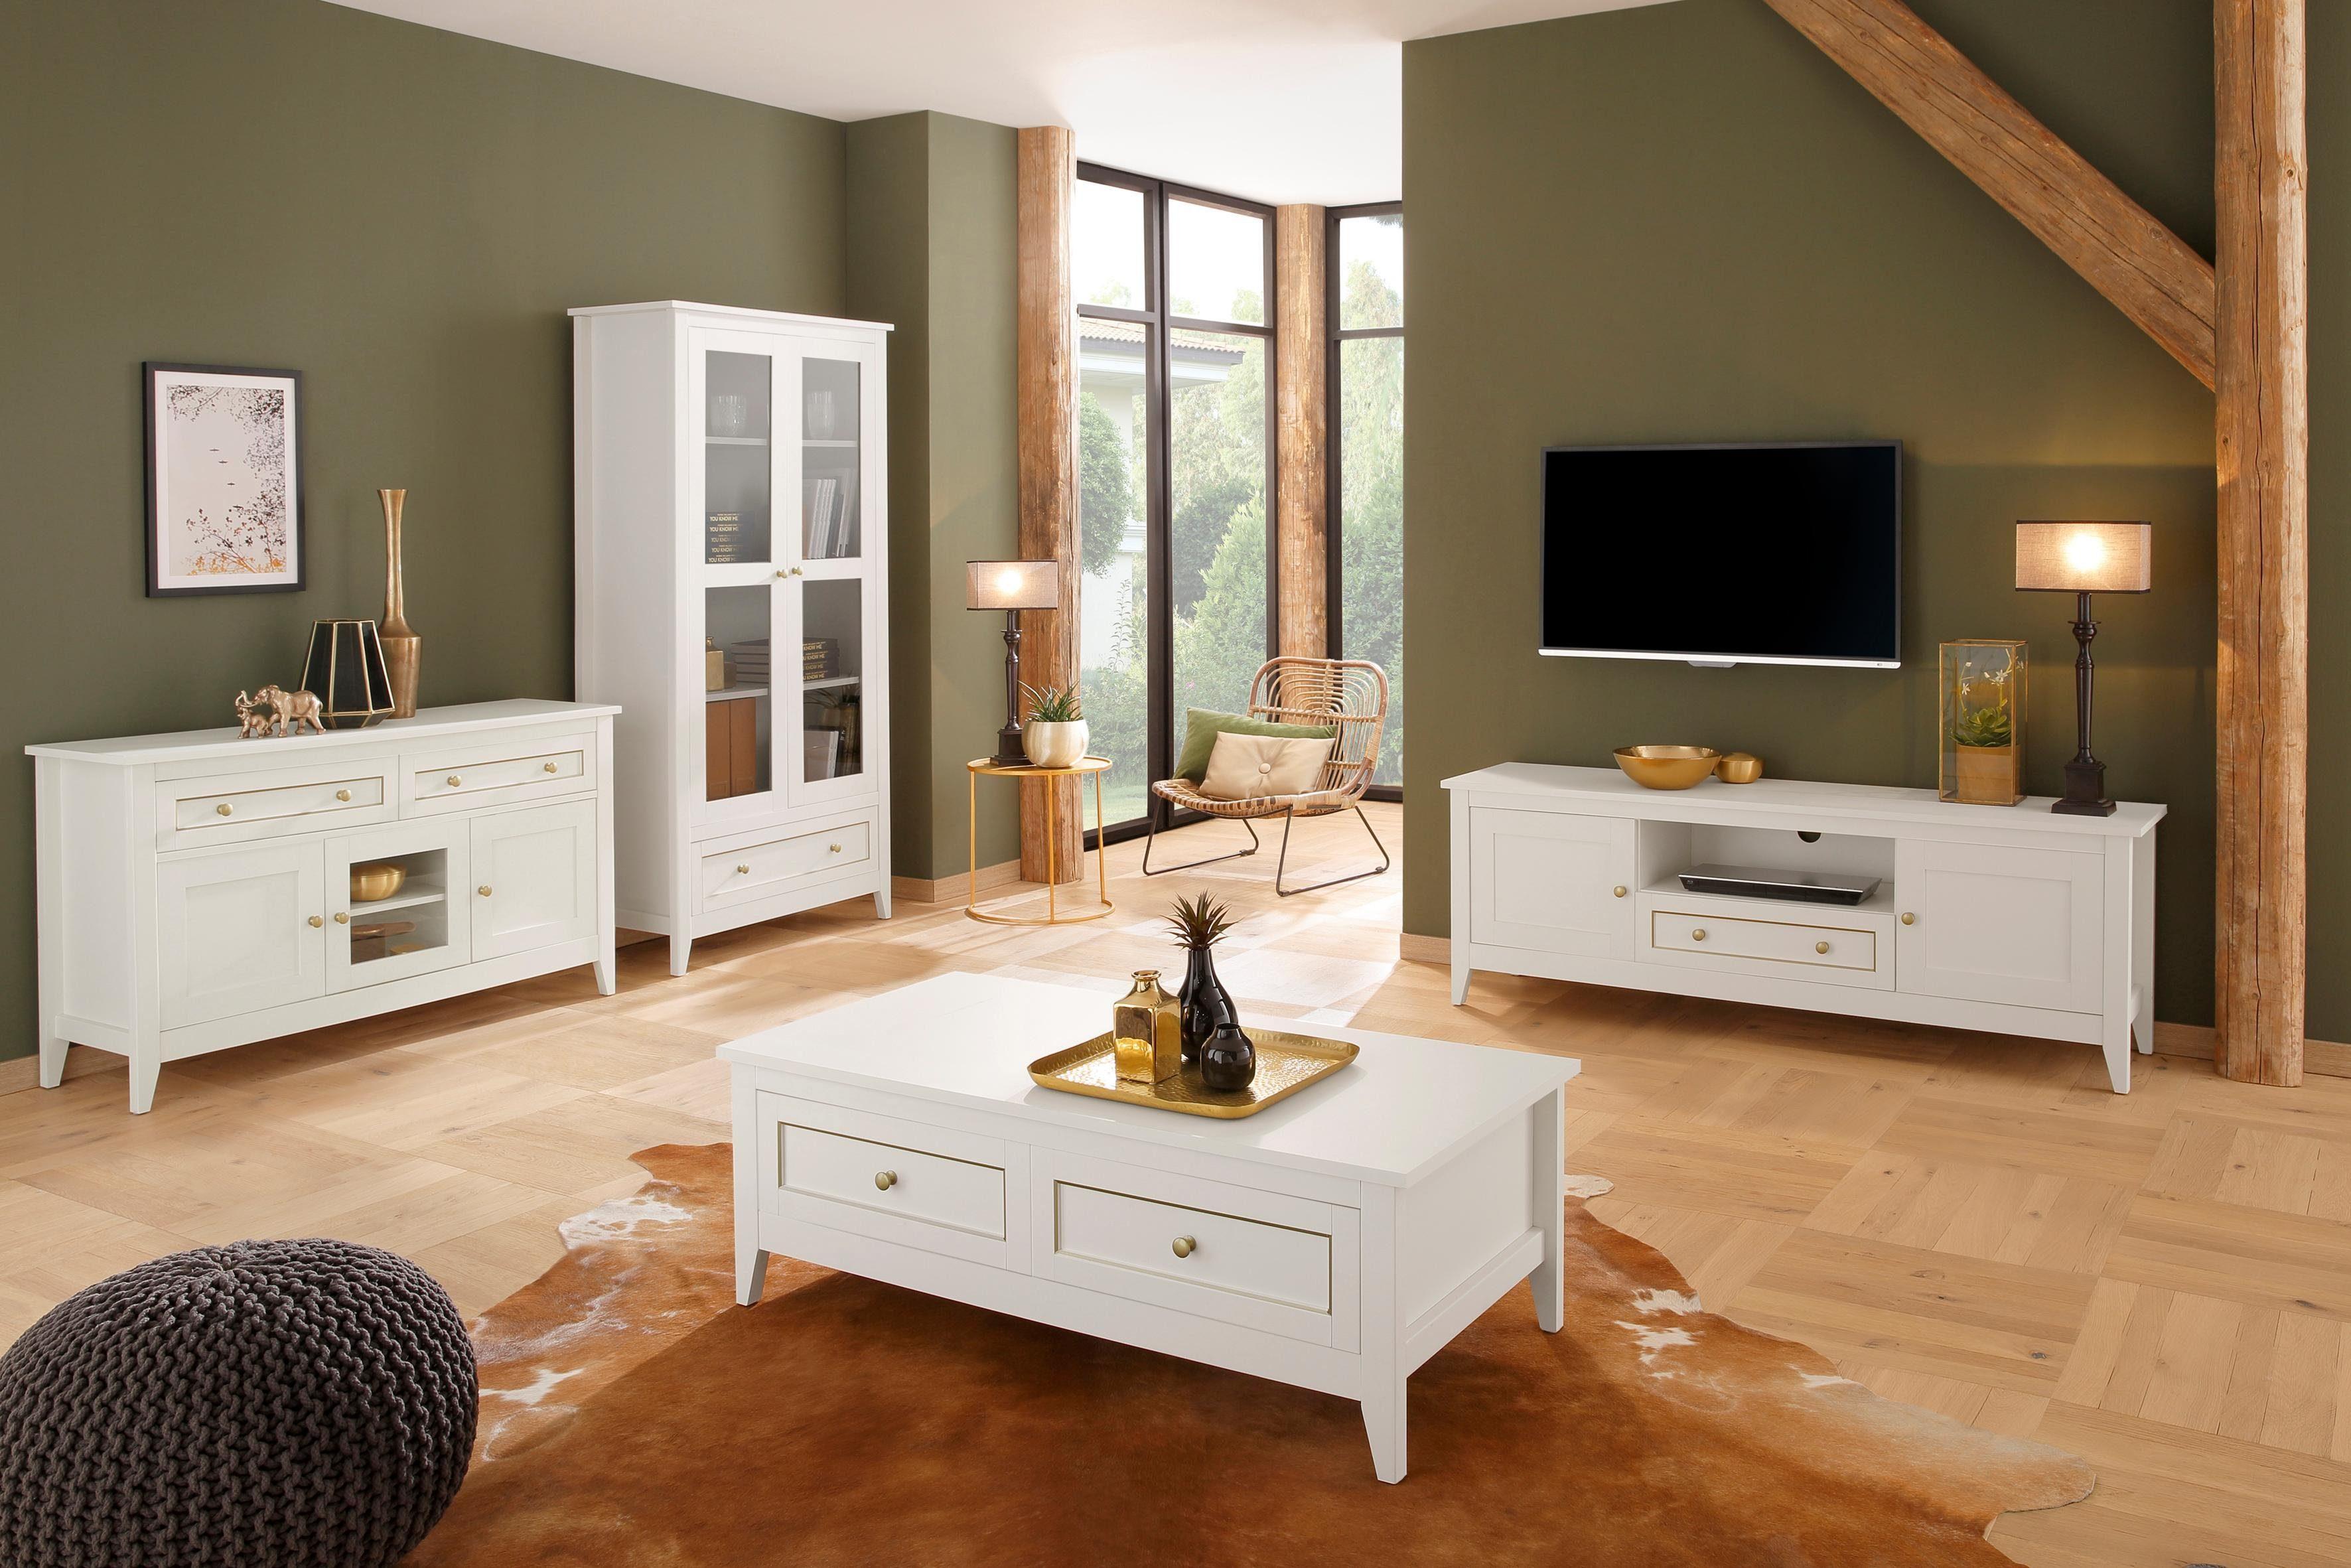 Home affaire Sideboard »Victoria«, 2 Schubladen mit goldener Umrandung und 3 Türen mit Messinggriffe, Breite 131 cm